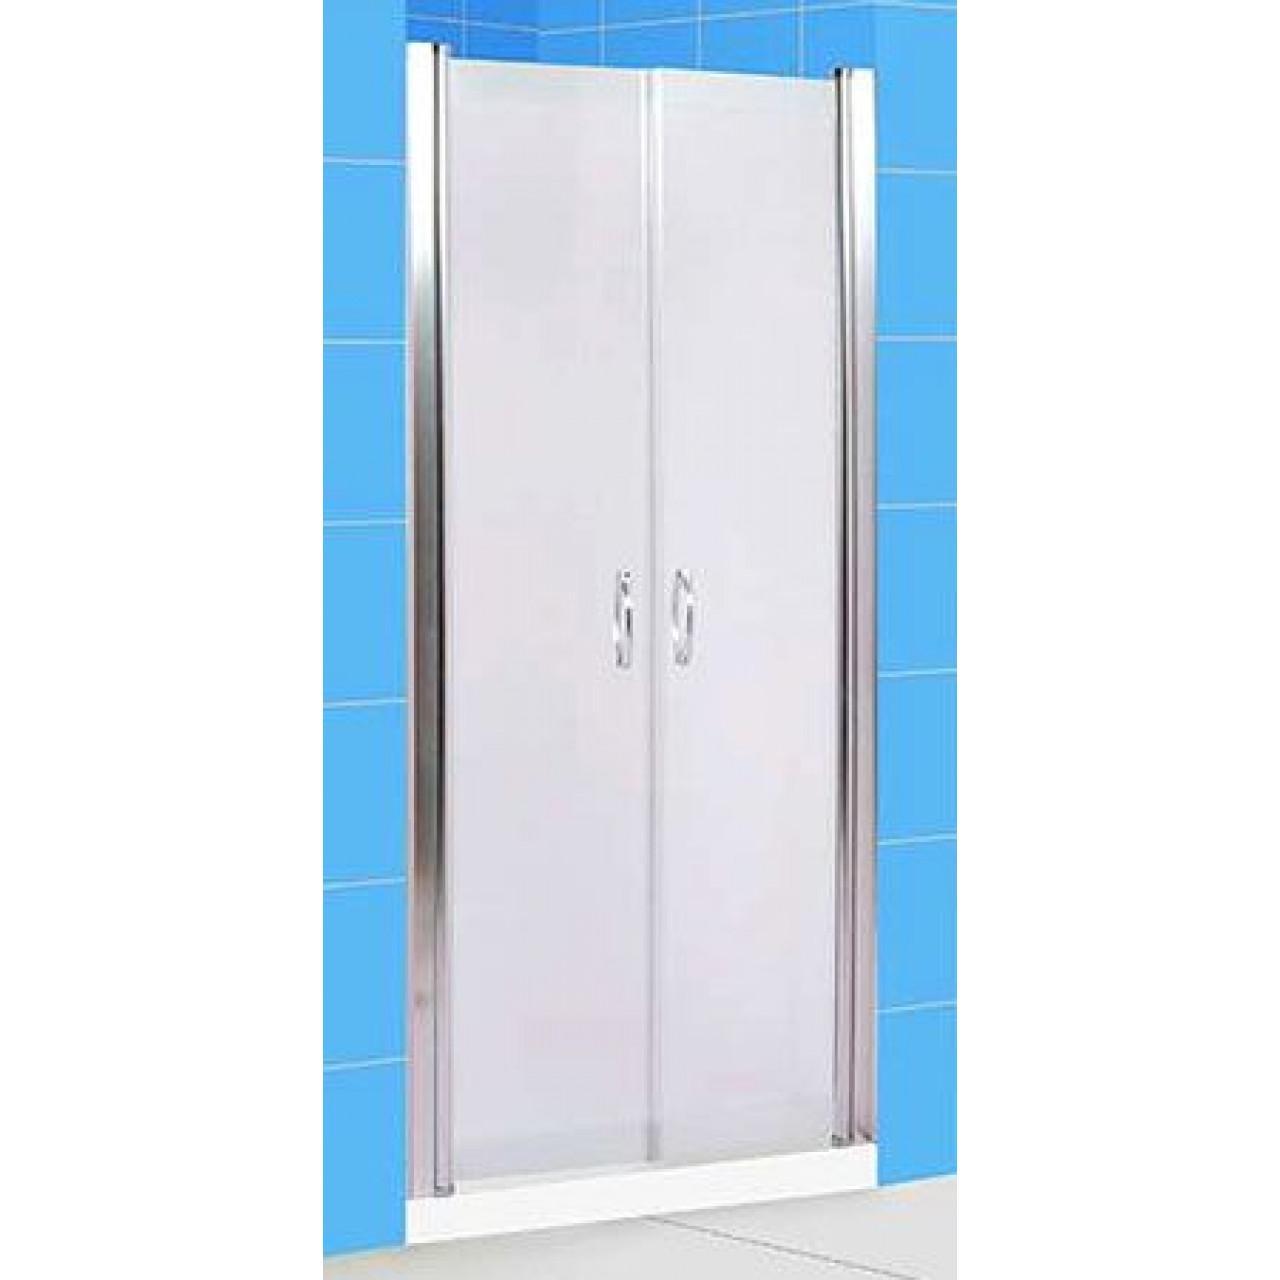 Дверь для душа River SUEZ 110 МТ купить в Москве по цене от 10100р. в интернет-магазине mebel-v-vannu.ru